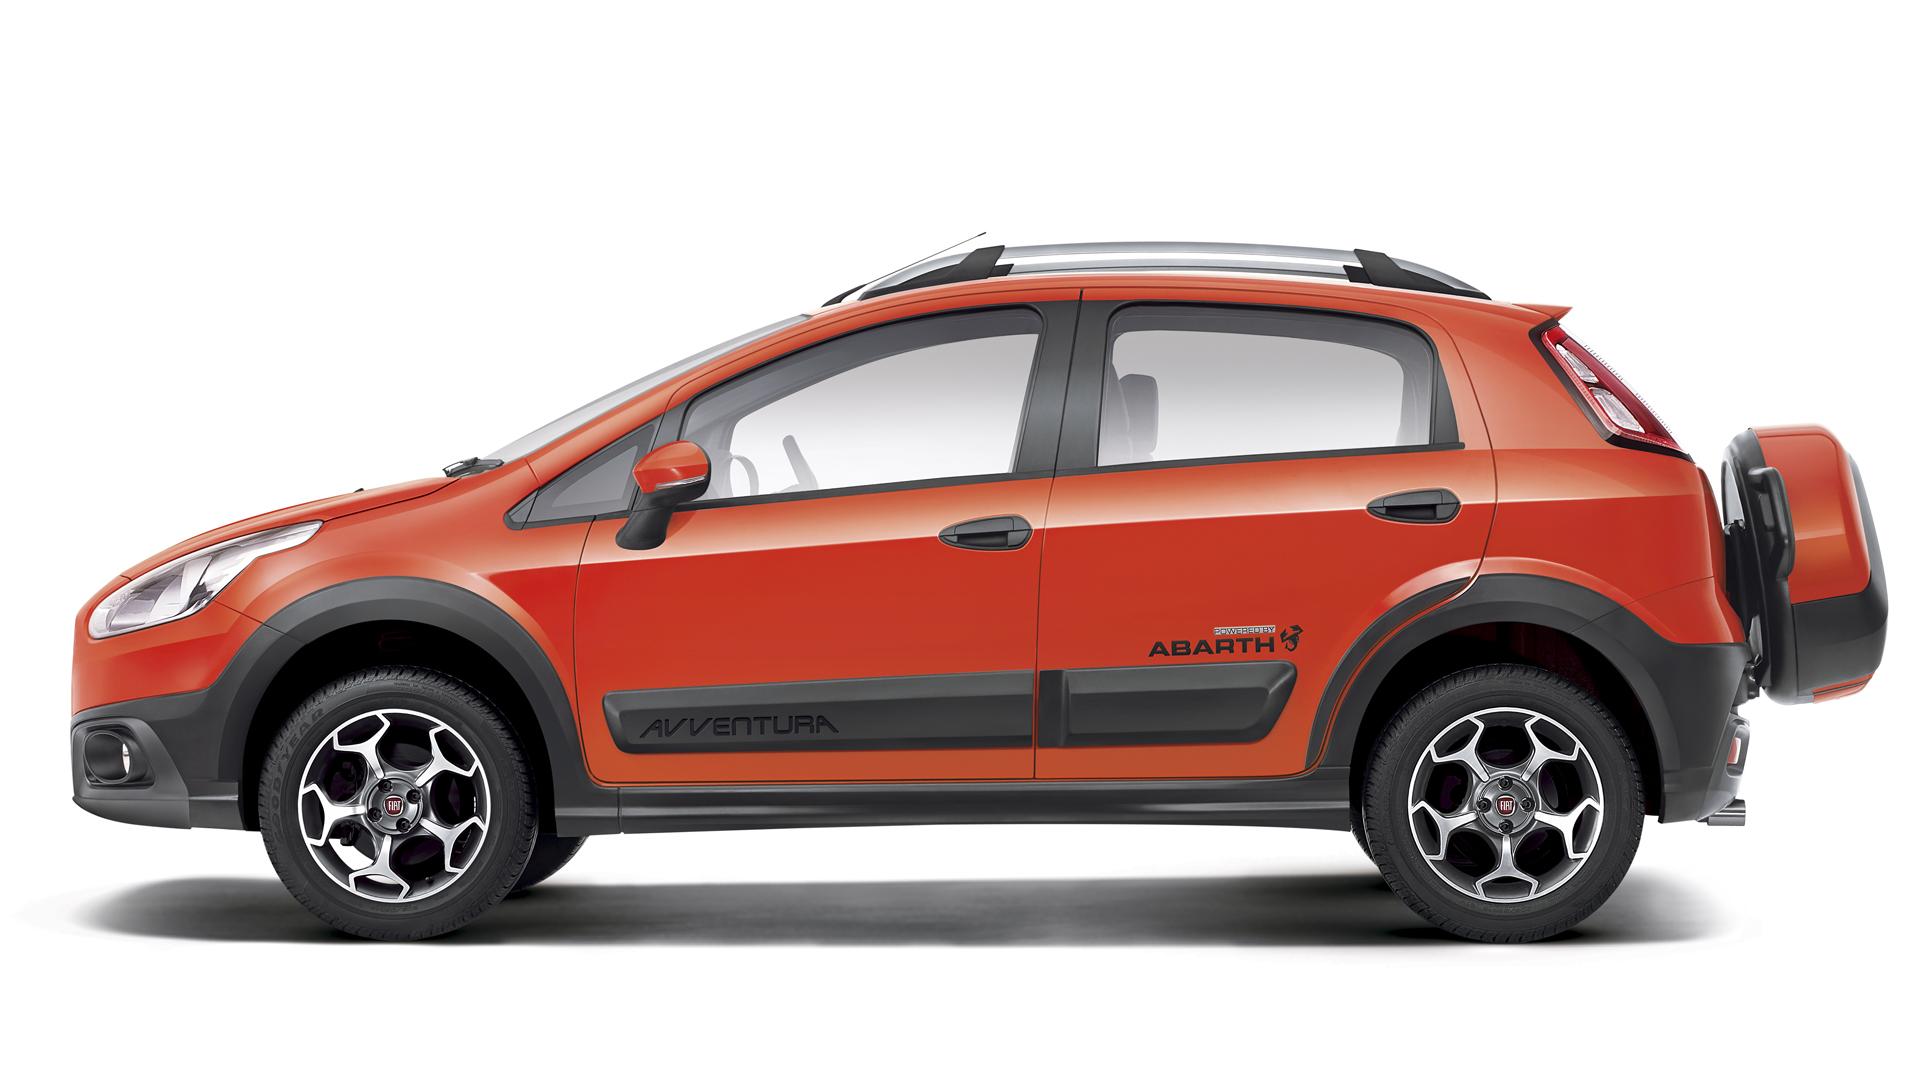 Fiat Abarth Avventura 2015 STD Exterior